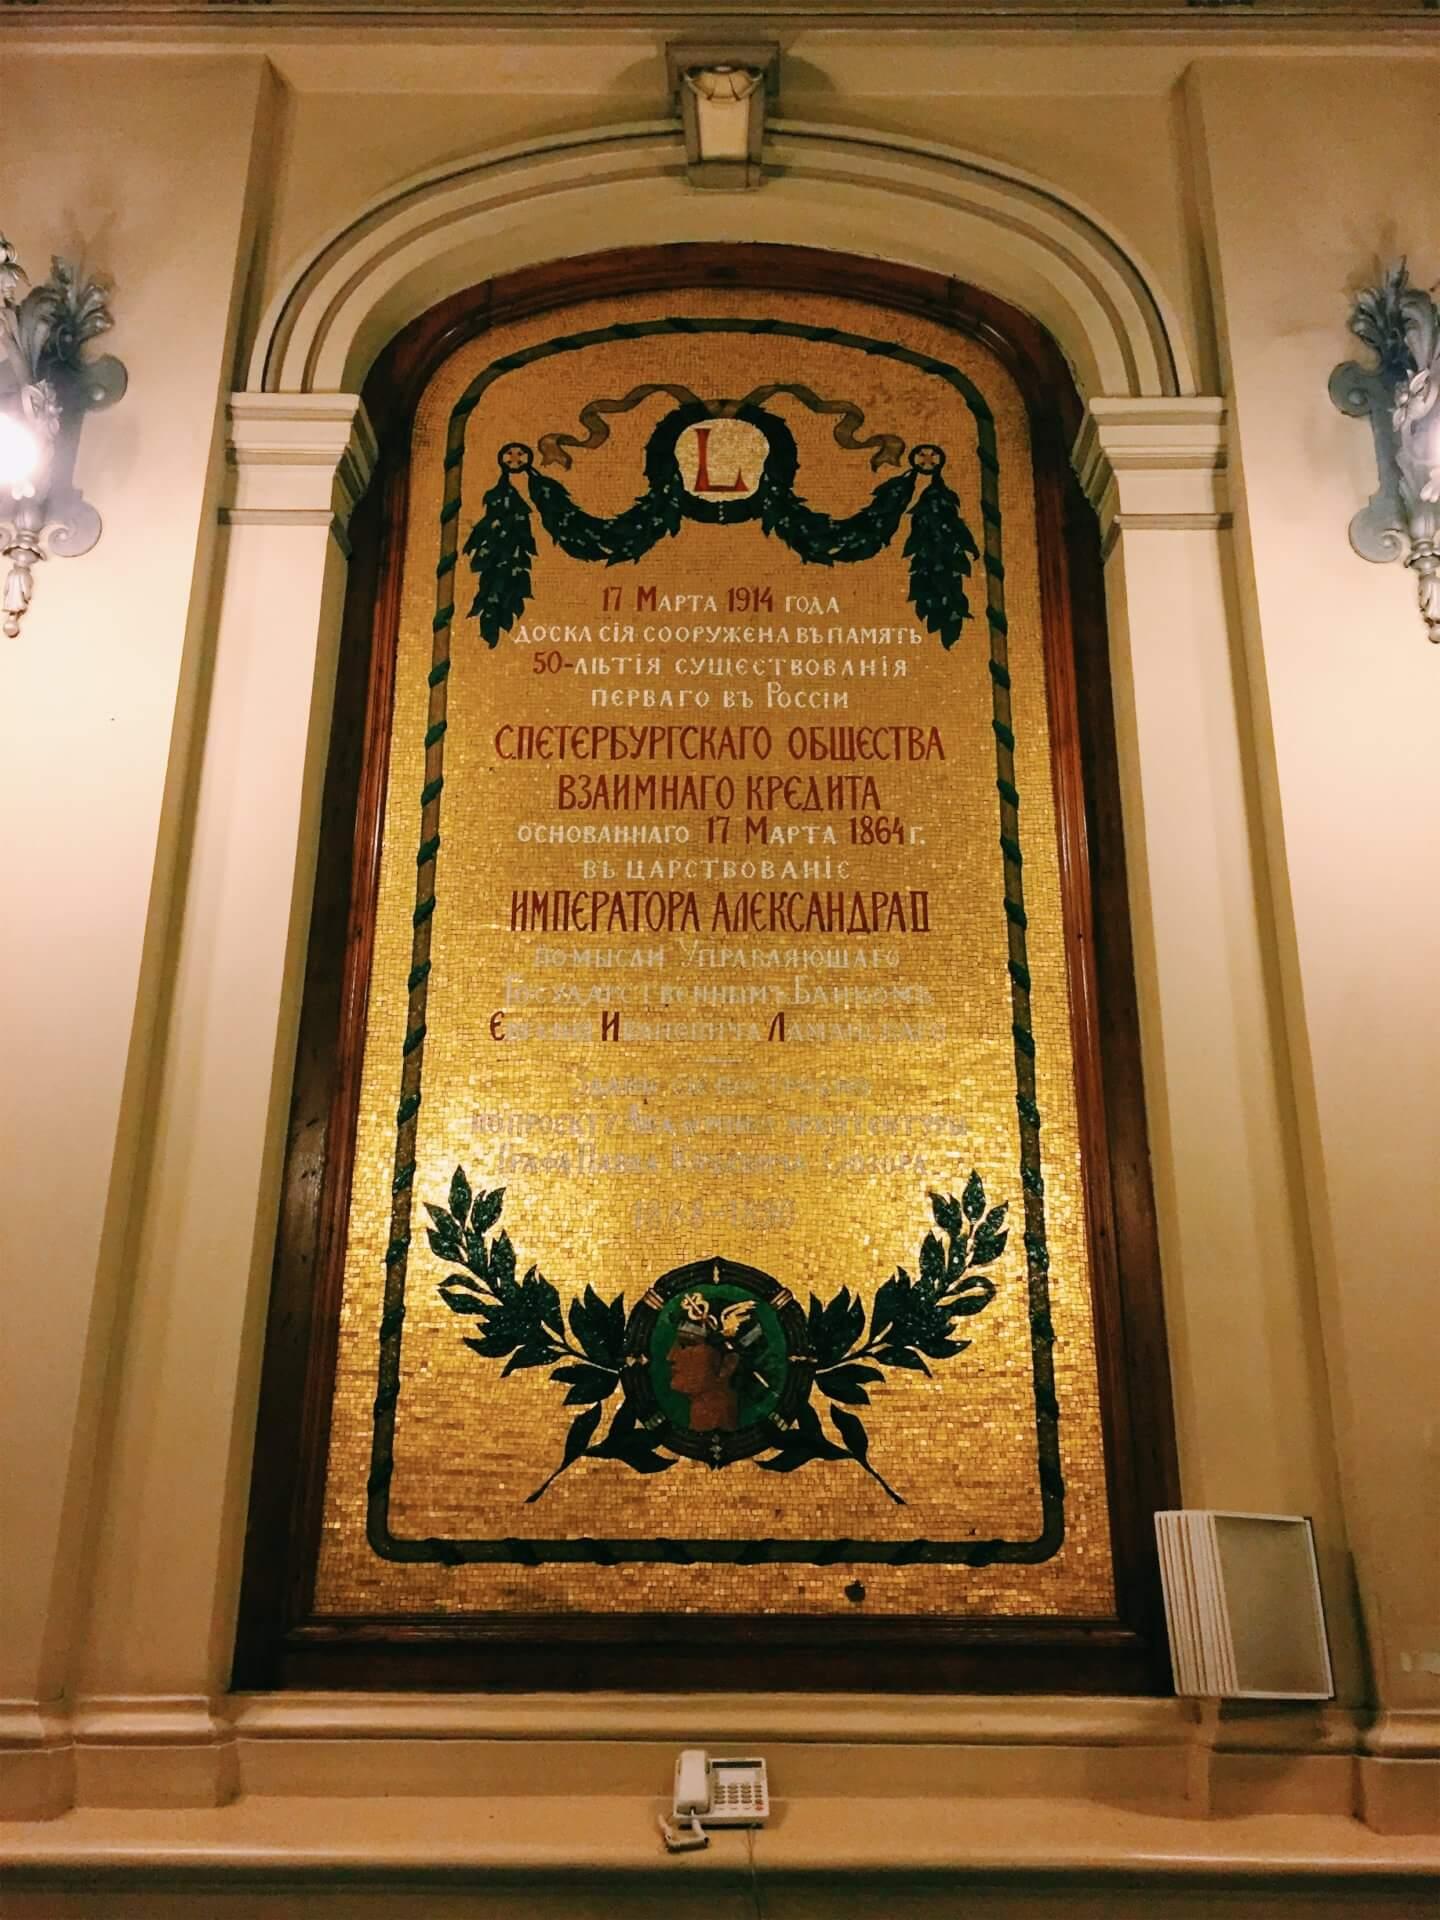 Памятная доска в здании Санкт-Петербургского общества взаимного кредита